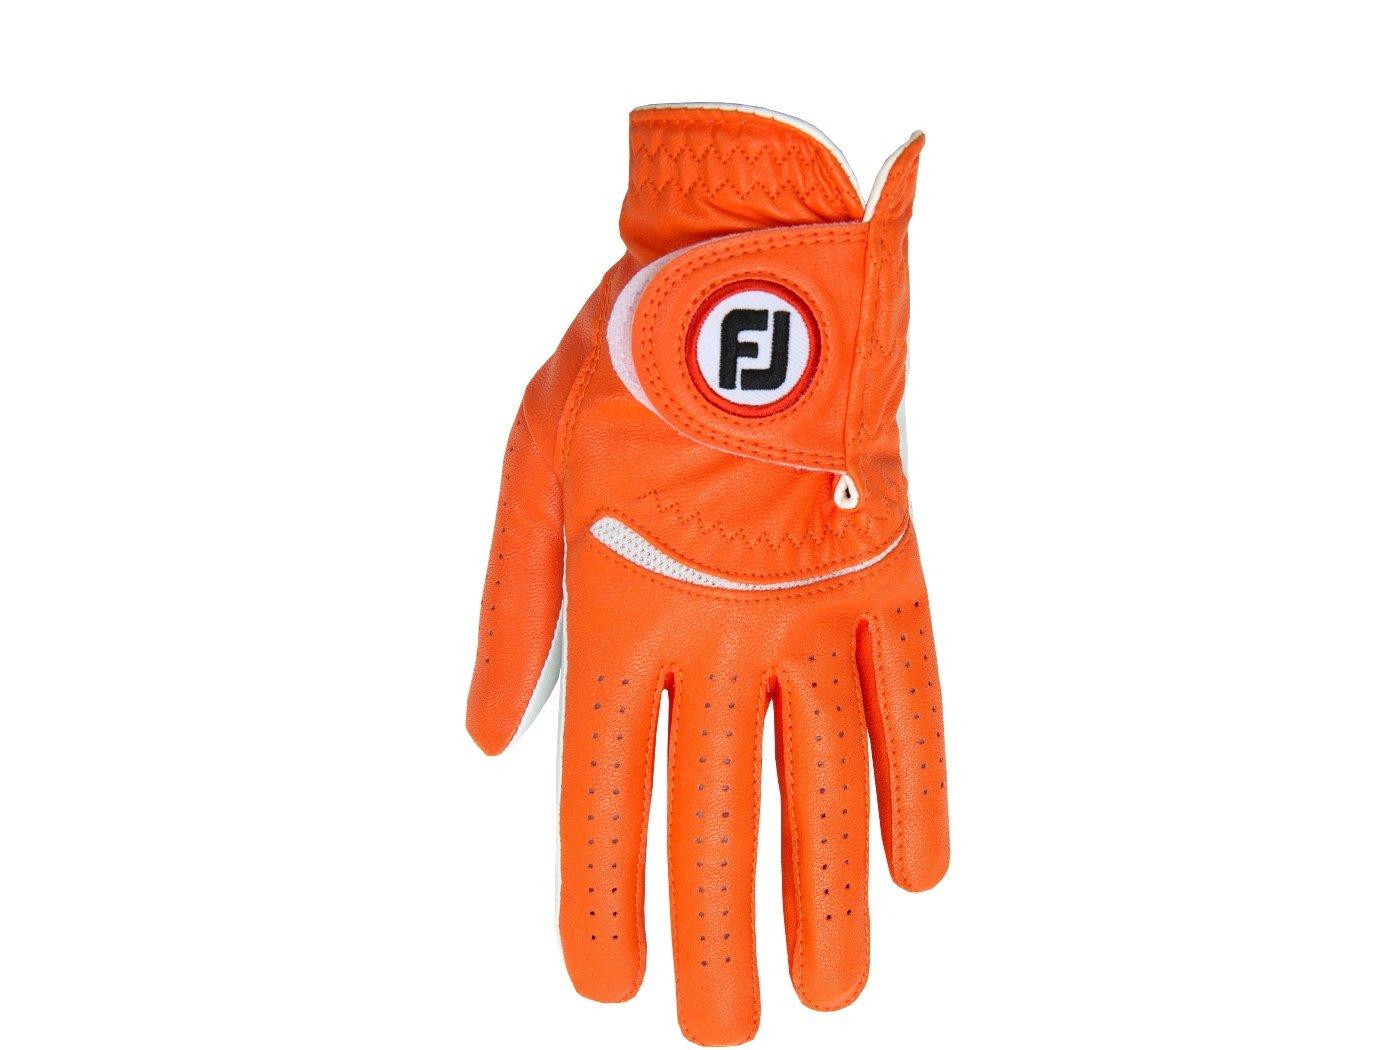 FootJoy Spectrumメンズゴルフグローブ左( Fits on Left Hand ) – オレンジCadet ML   B00IIOCY54